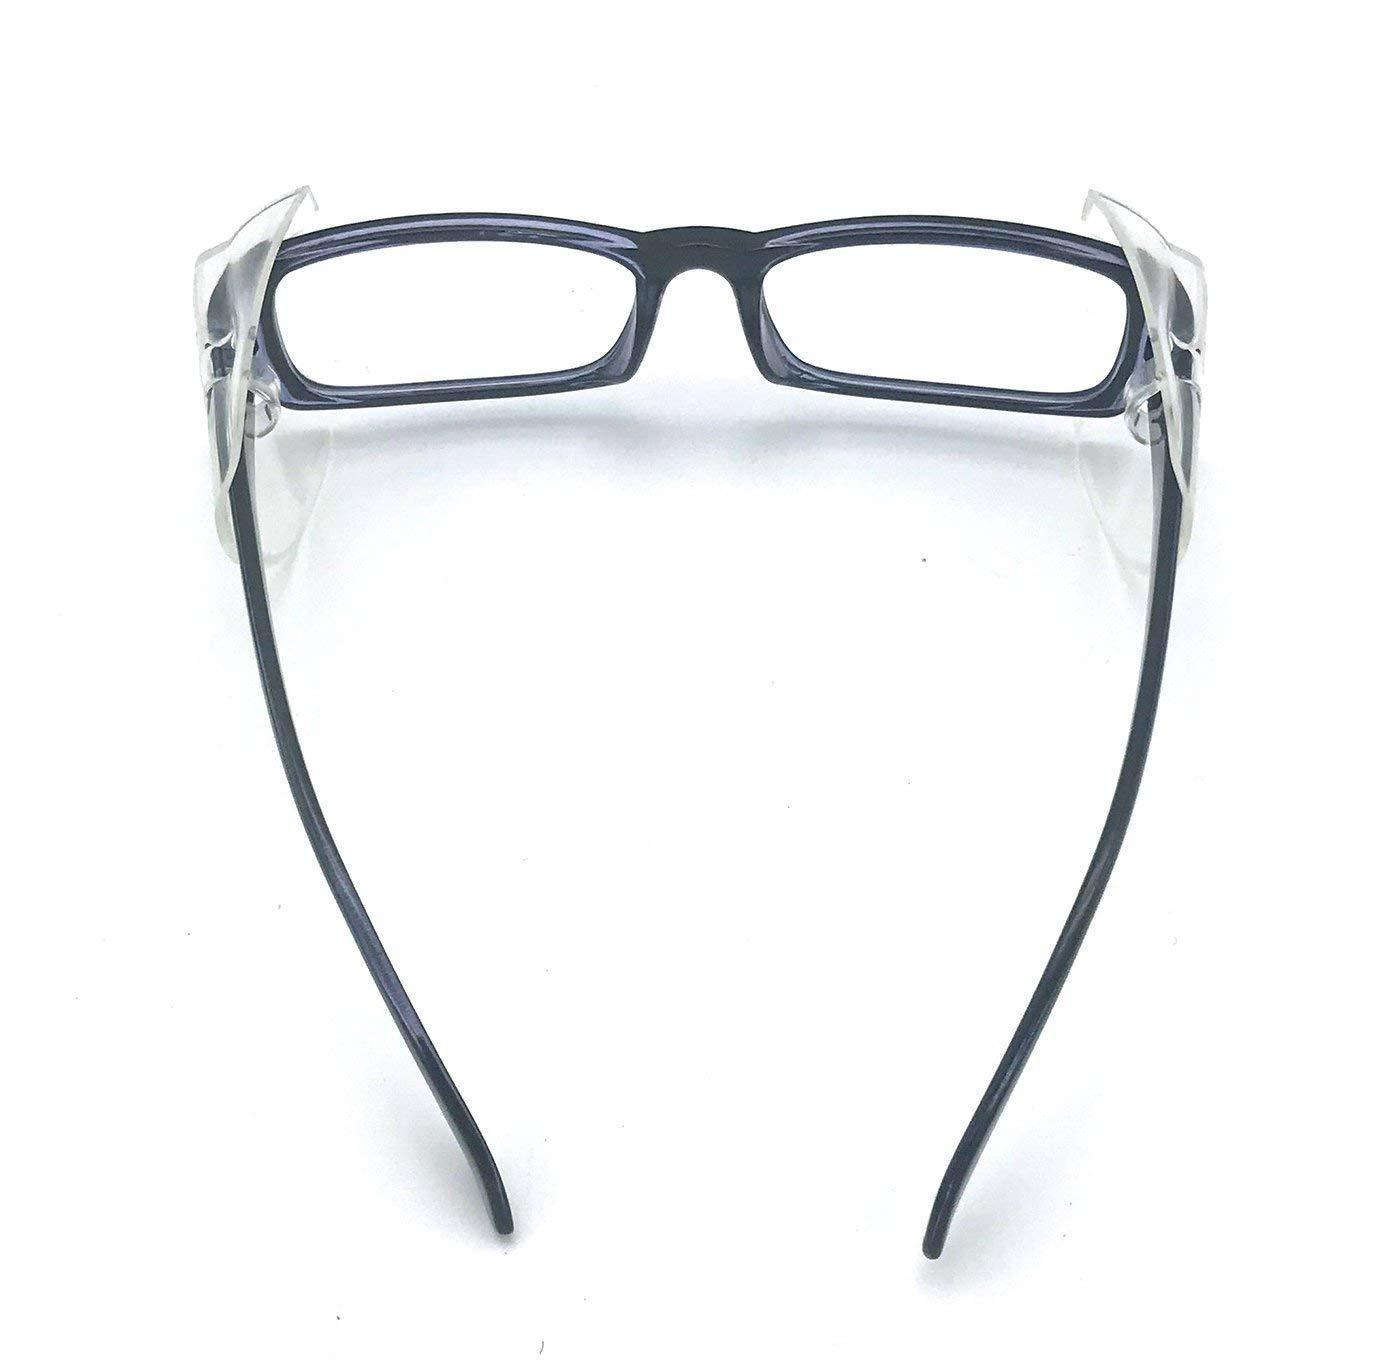 Rayibuir 2 Pares de Protectores Laterales de Seguridad para Gafas de Seguridad tama/ño peque/ño a Mediano